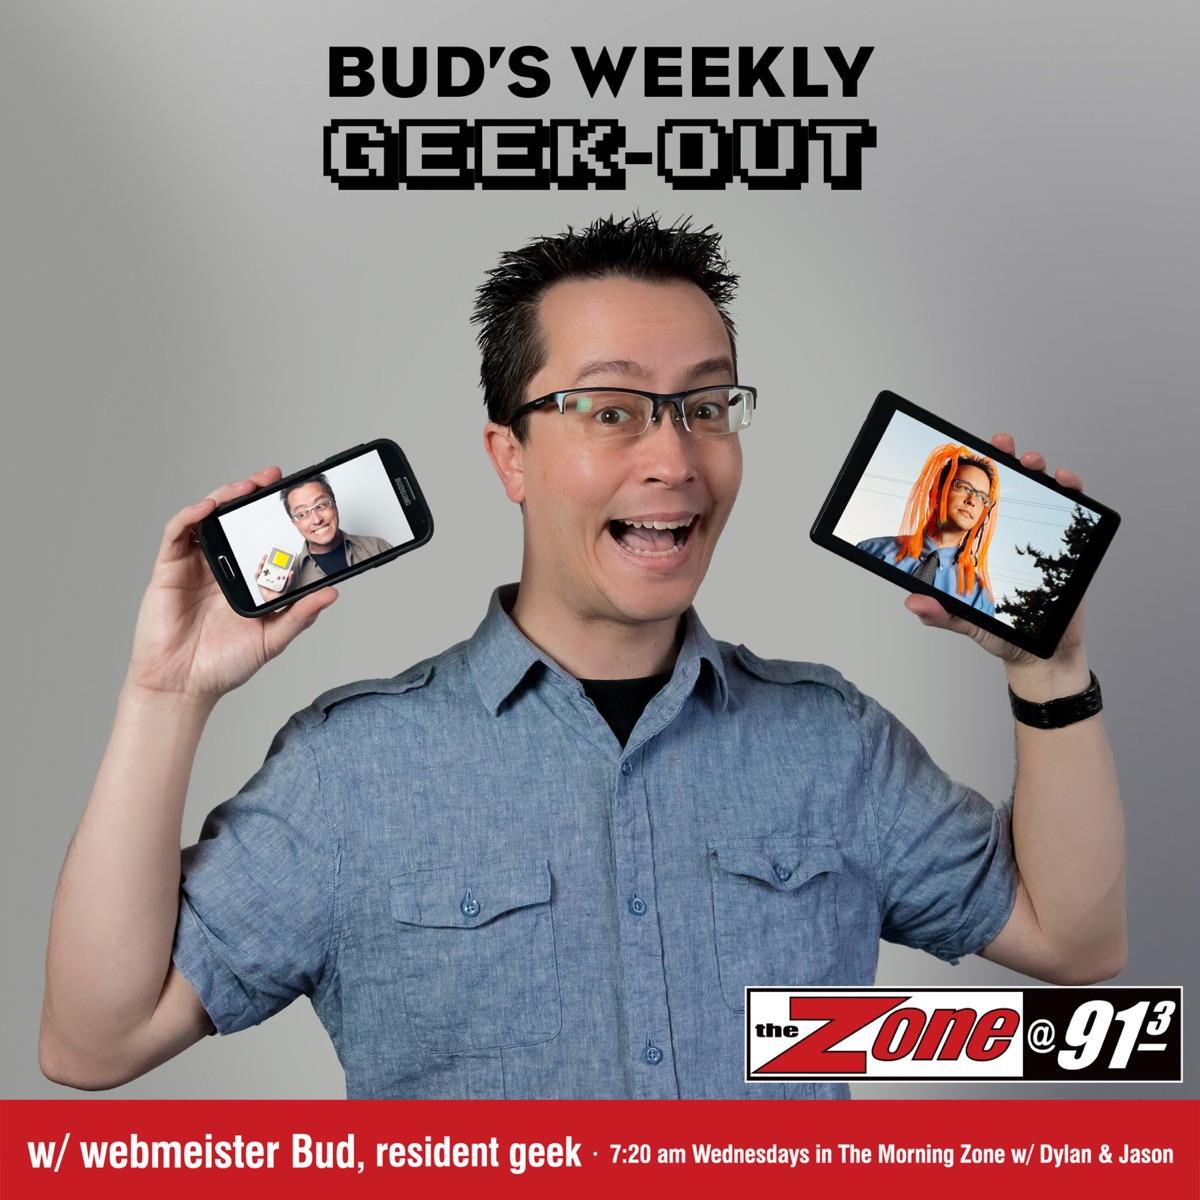 Bud's Weekly Geek-out